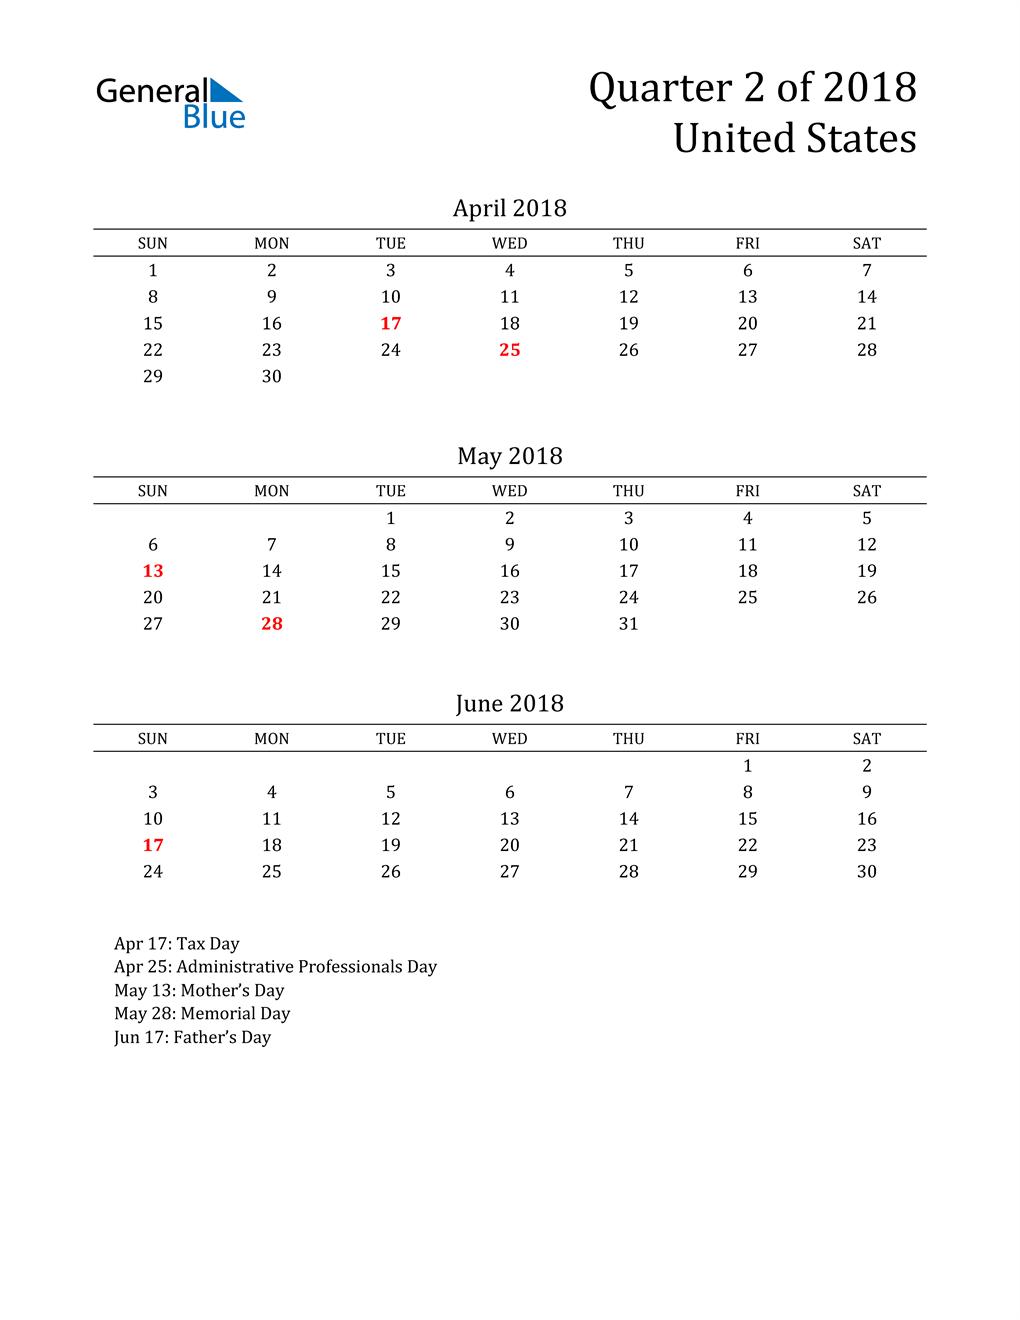 2018 United States Quarterly Calendar